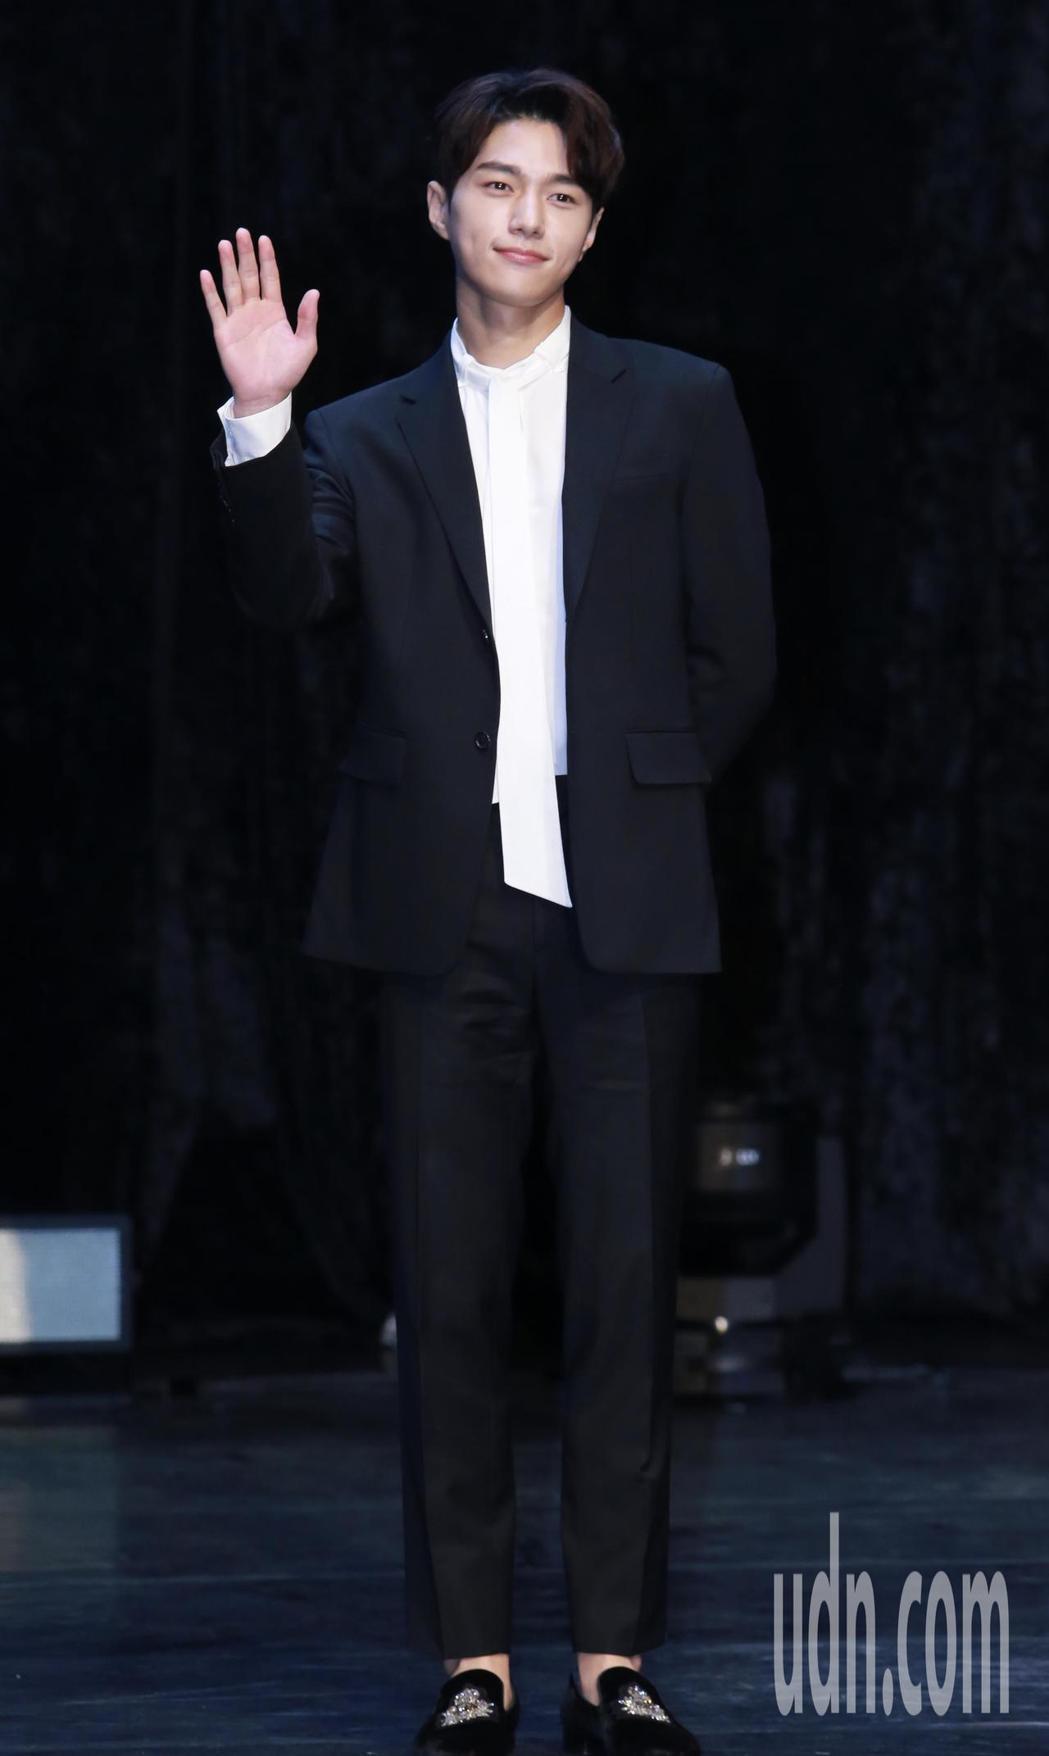 韓星金明洙再度來台舉辦粉絲見面會。記者許正宏/攝影